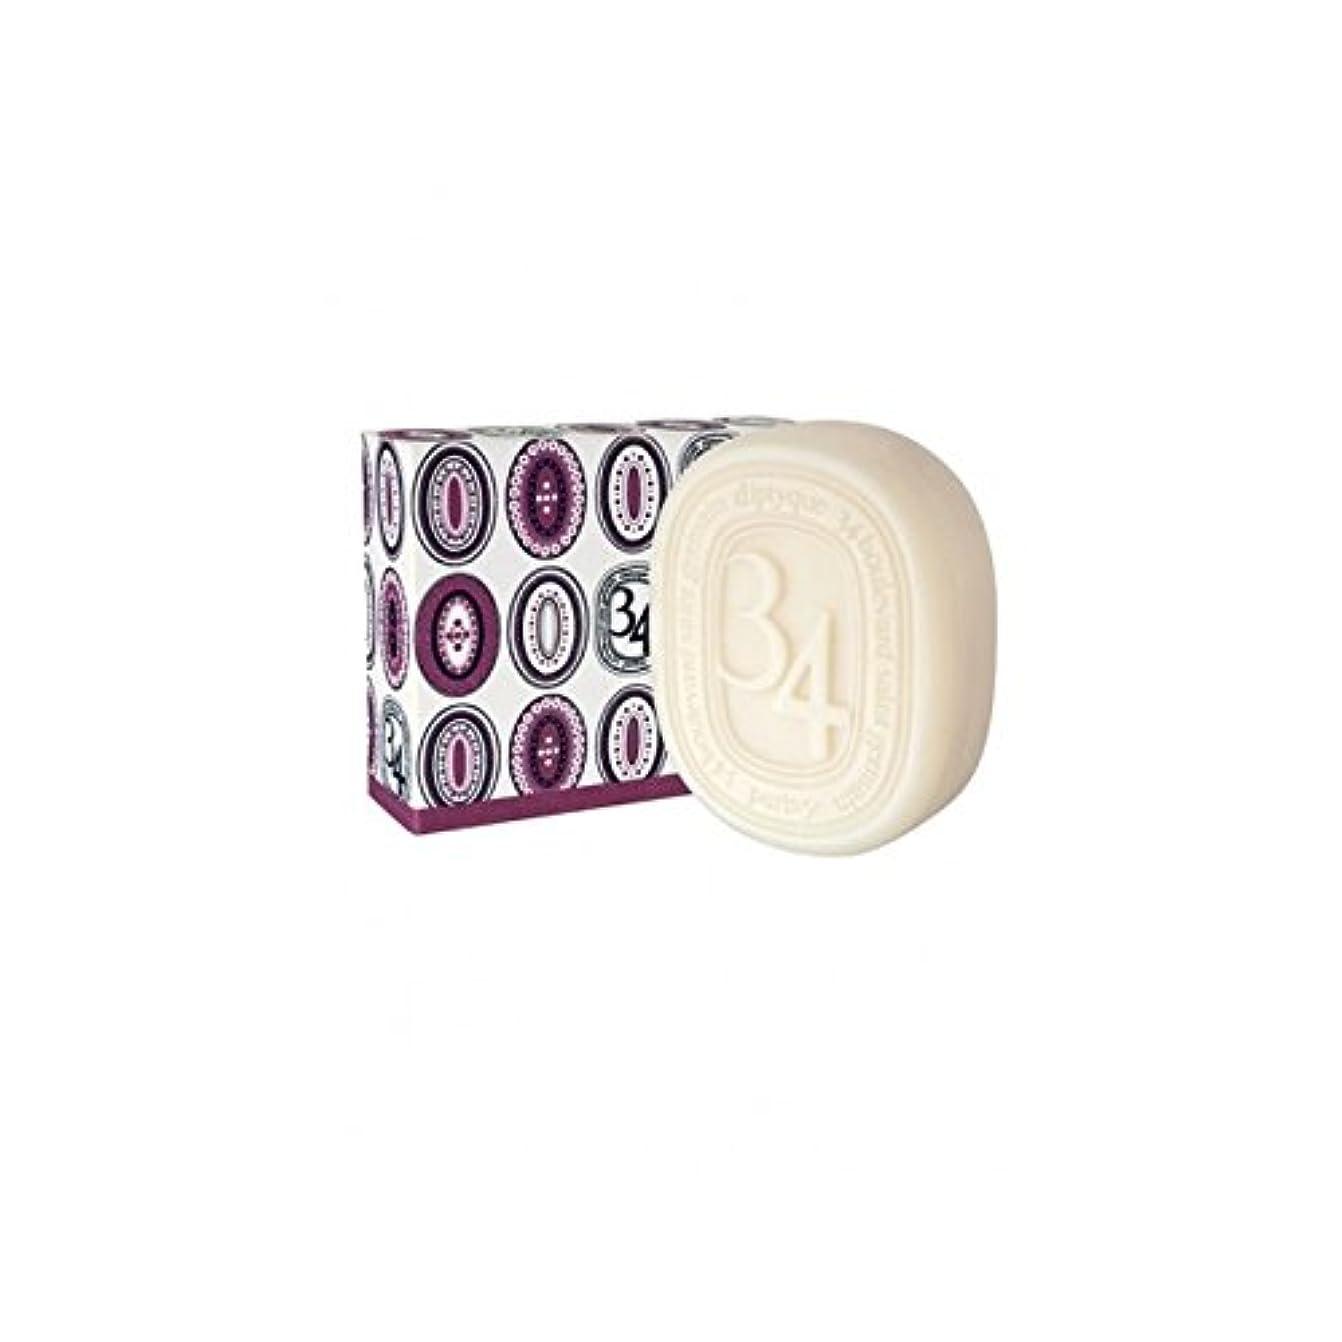 オリエンタル論争の的製造Diptyque Collection 34 Boulevard Saint Germain Soap 100g (Pack of 6) - Diptyqueコレクション34大通りサンジェルマン石鹸100グラム (x6)...